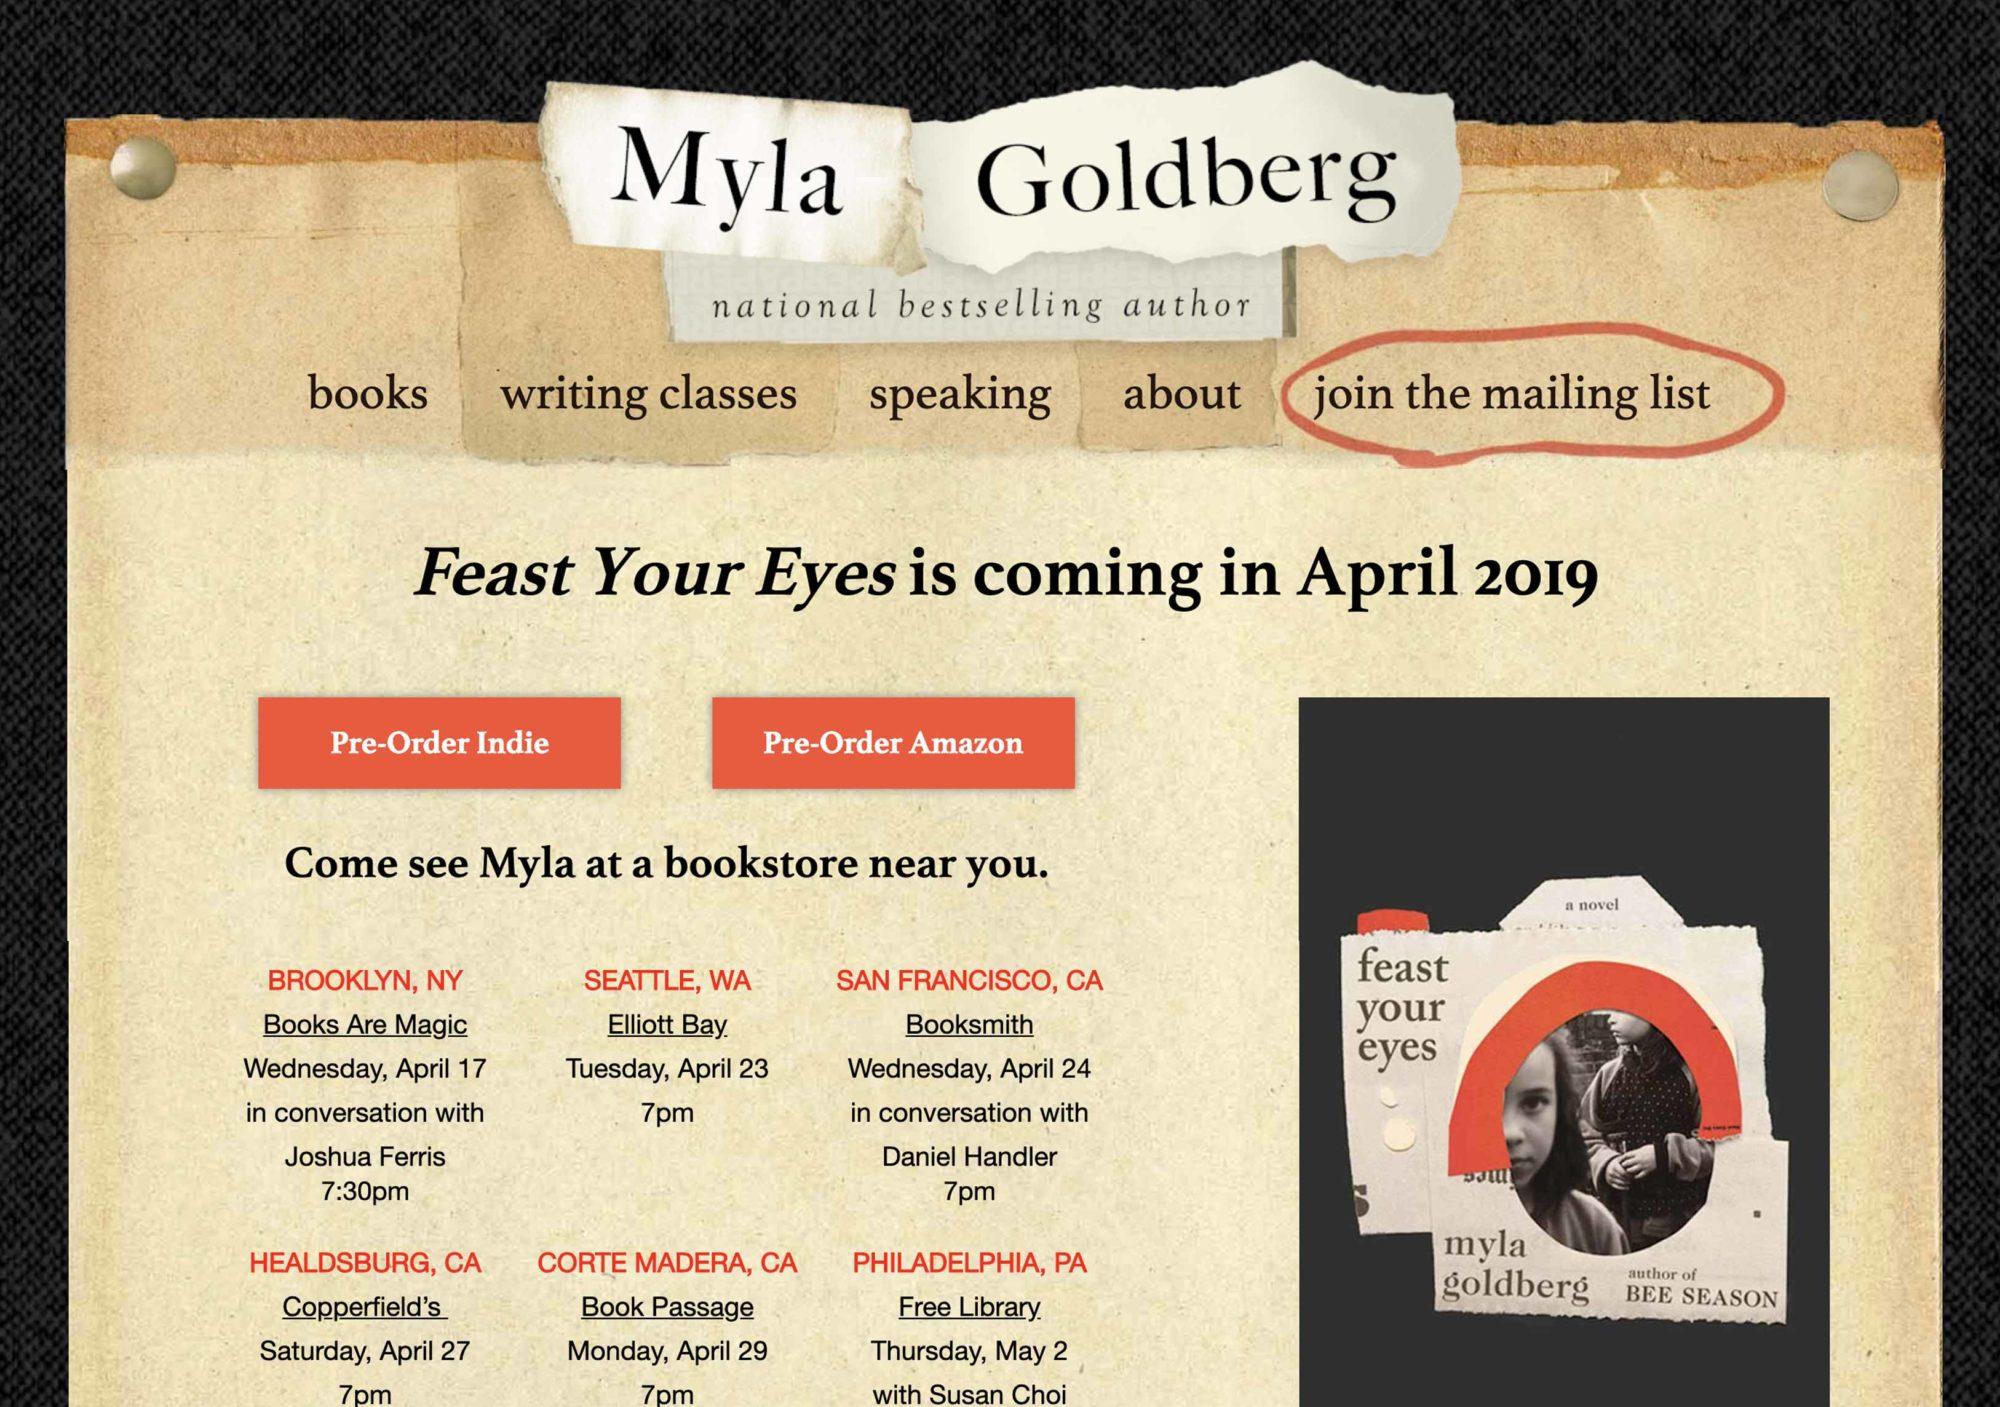 Myla Goldberg 2.0 Web Site